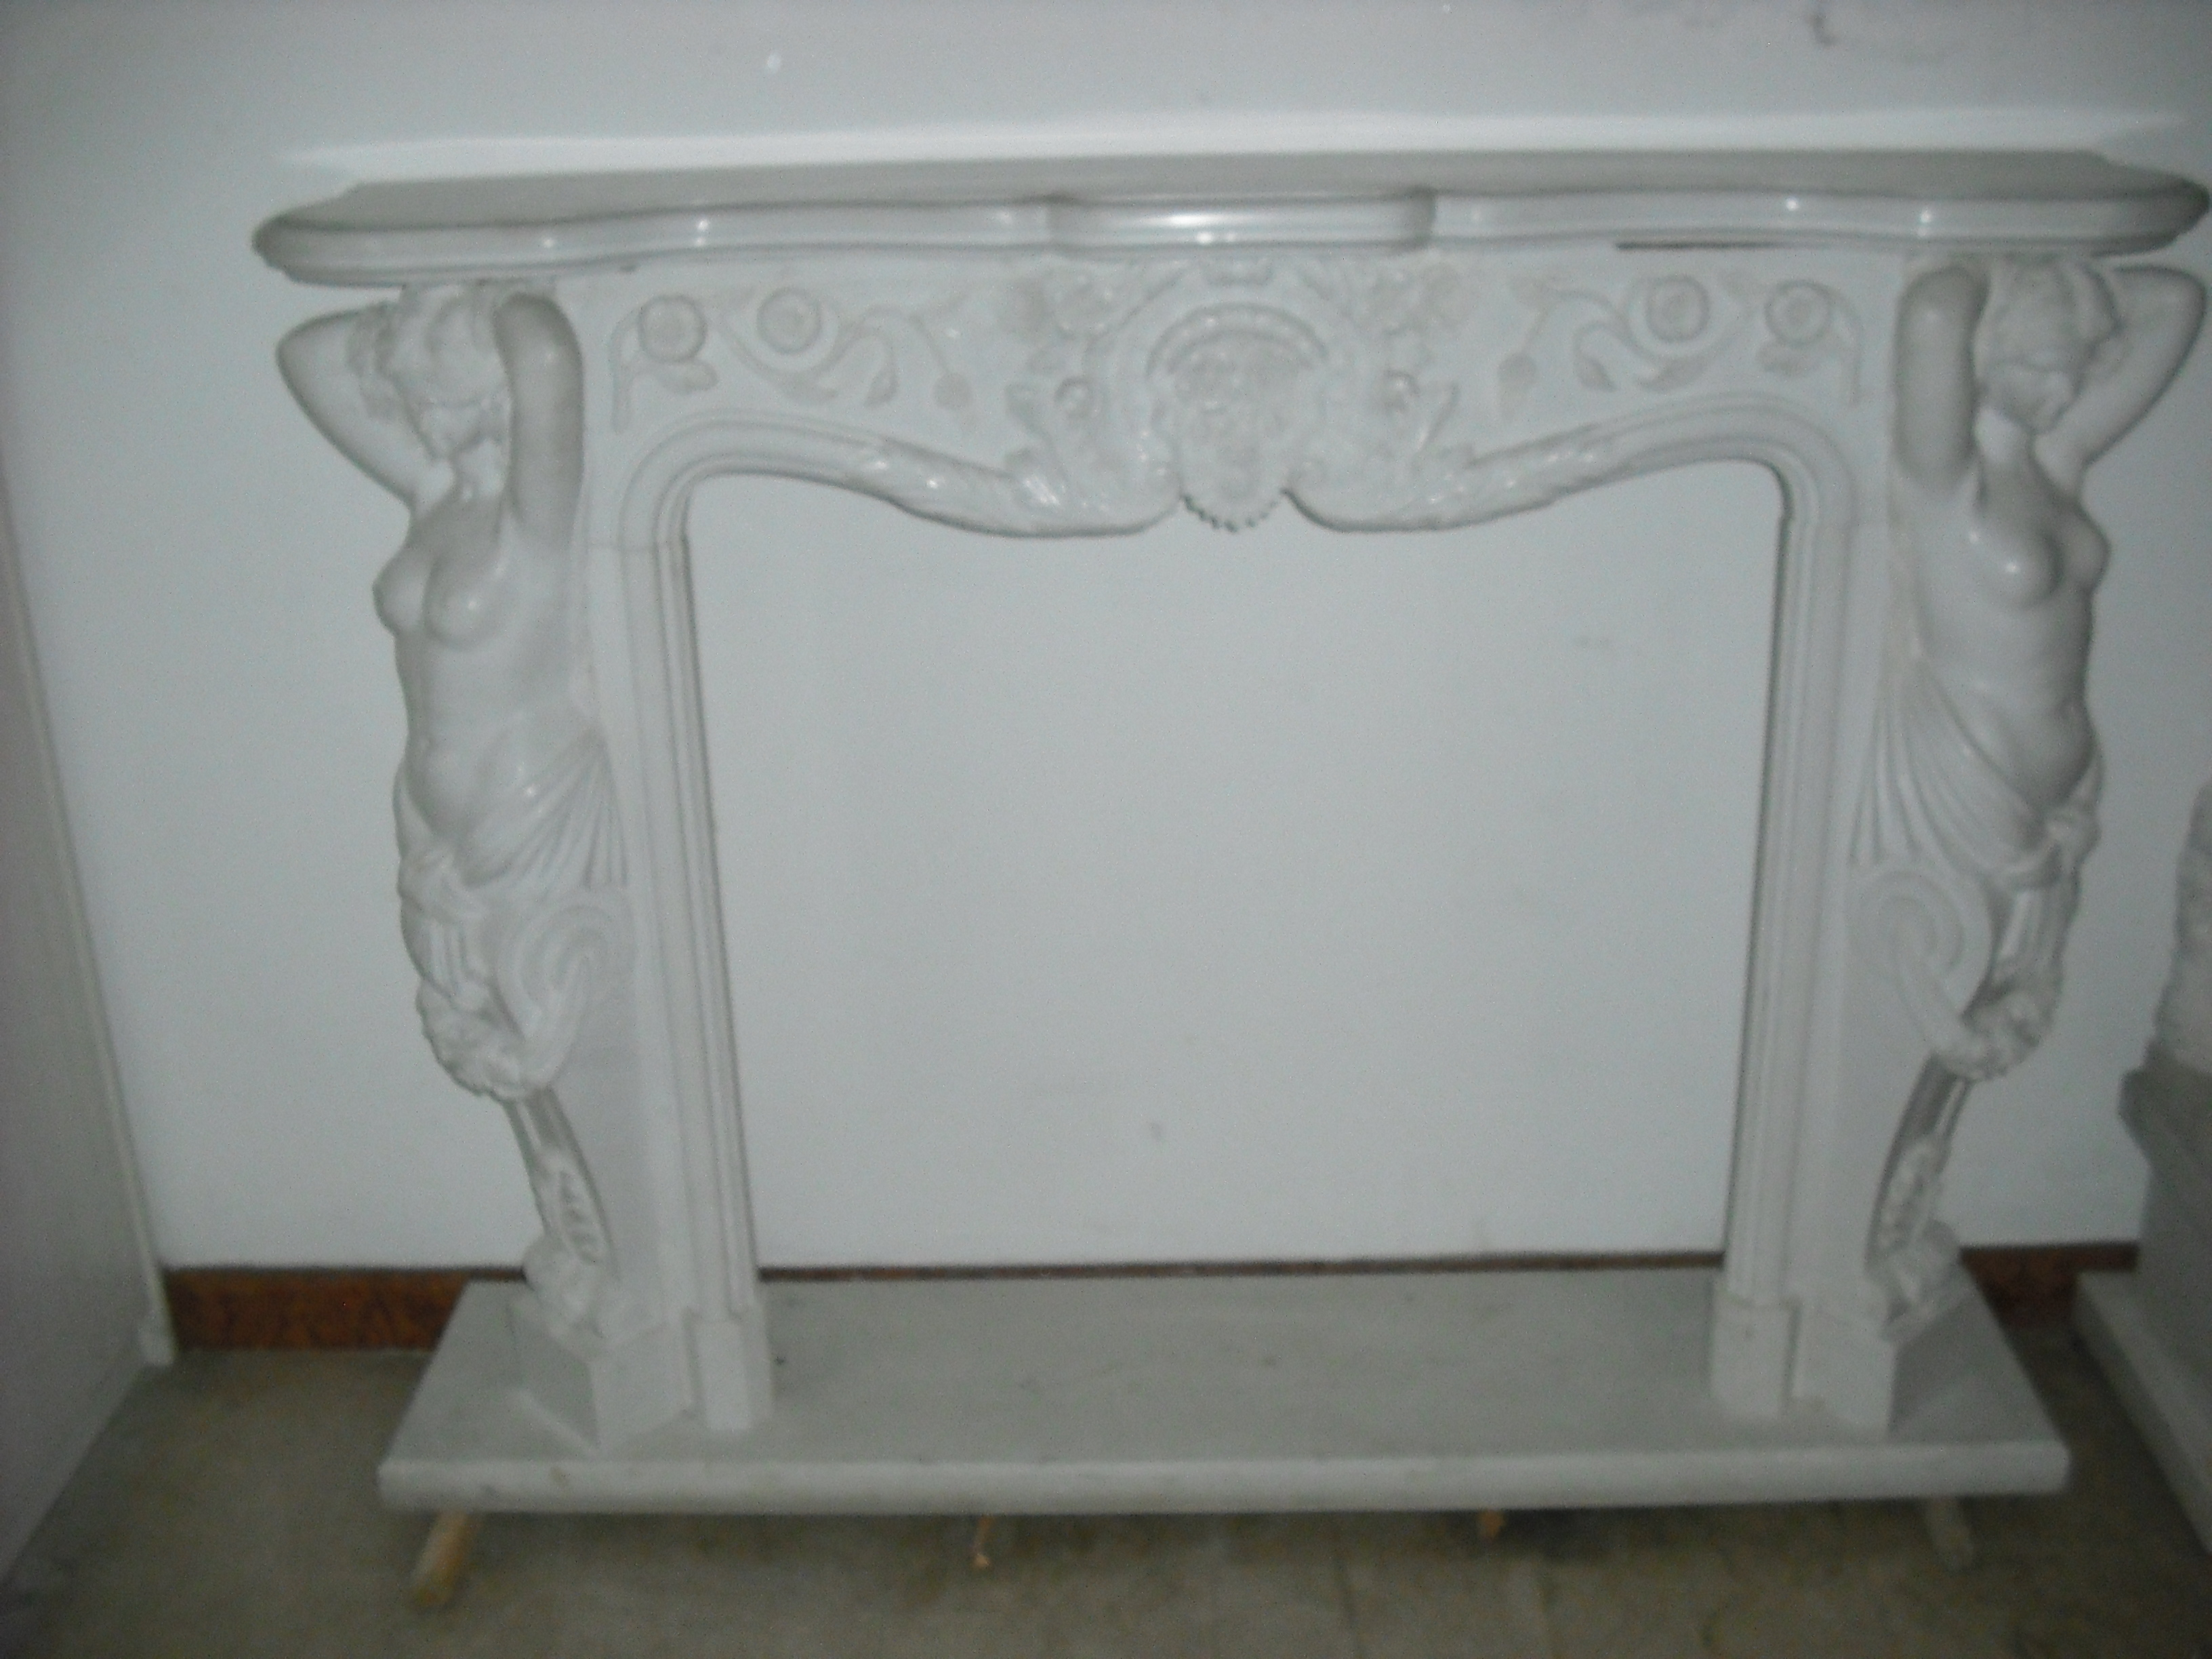 Offerta con foto di camino in marmo in svendita - Bagno in marmo costo ...